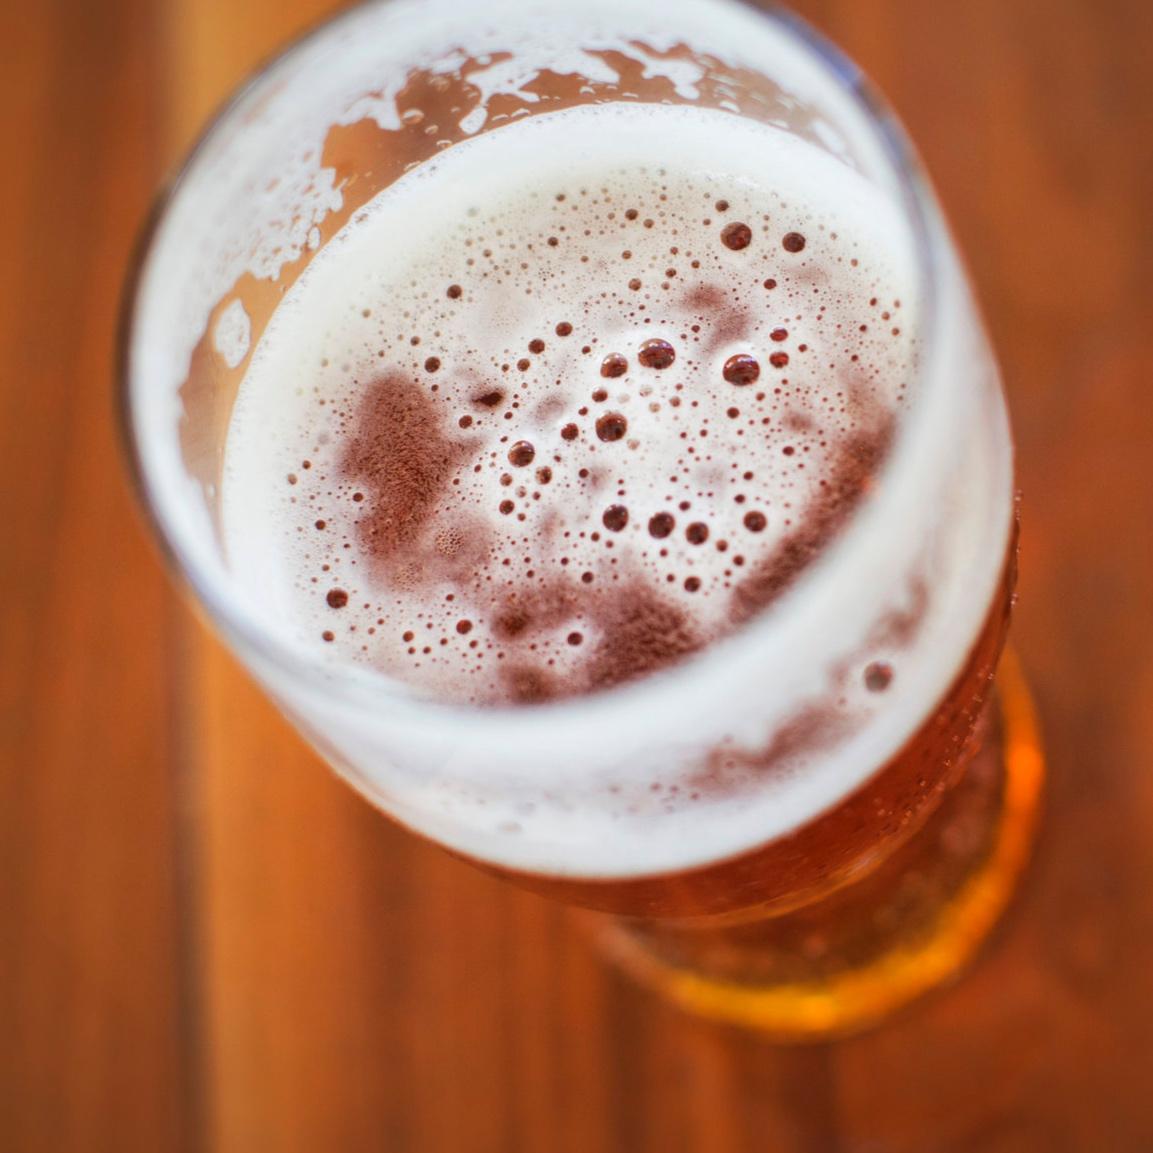 Glass of beer. Links to Hoppy beer descriptions.